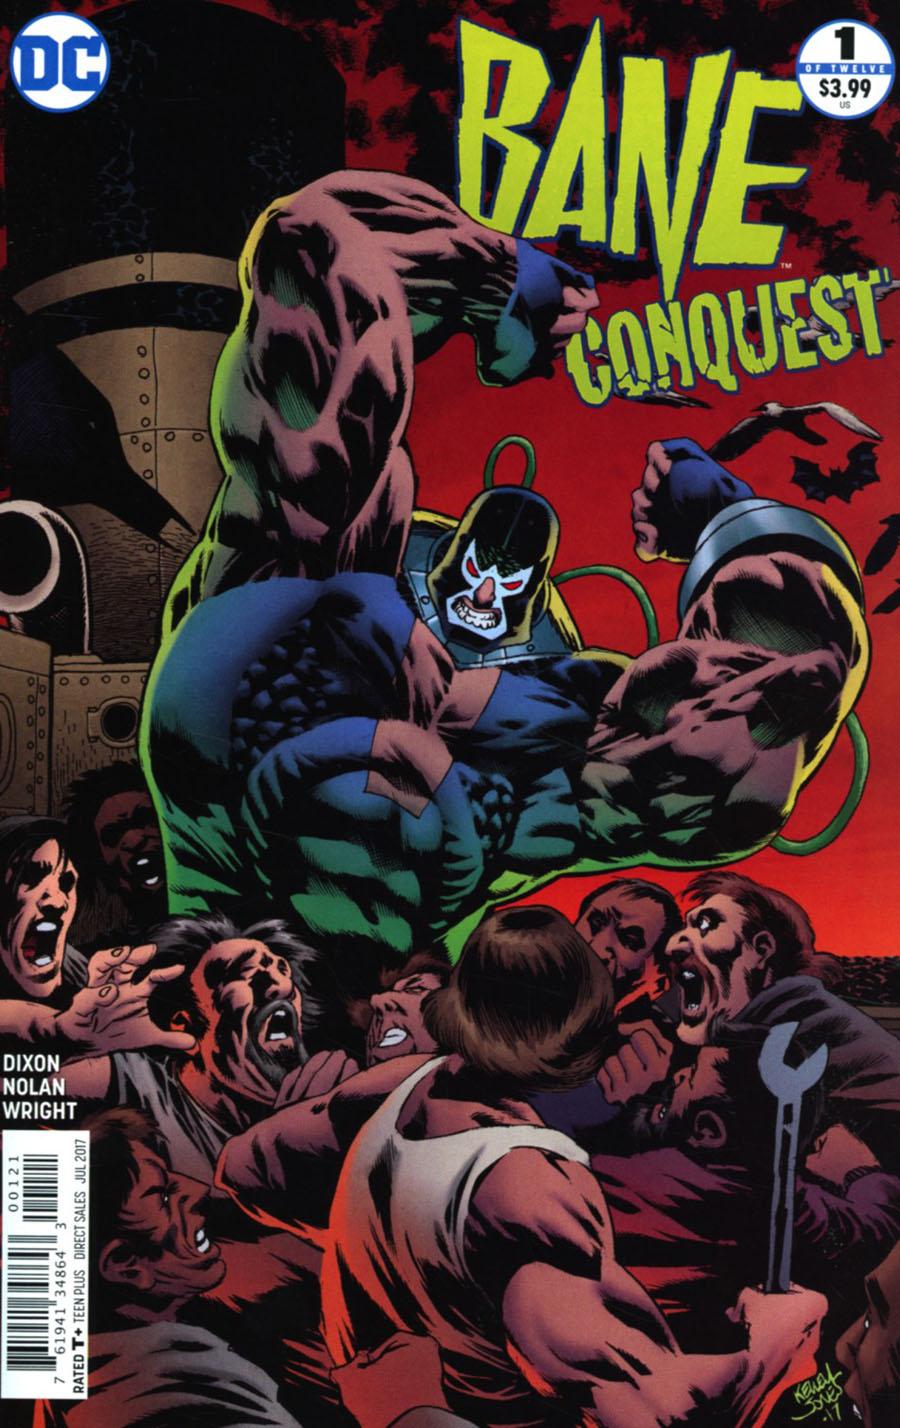 Bane Conquest #1 Cover B Variant Kelley Jones Cover